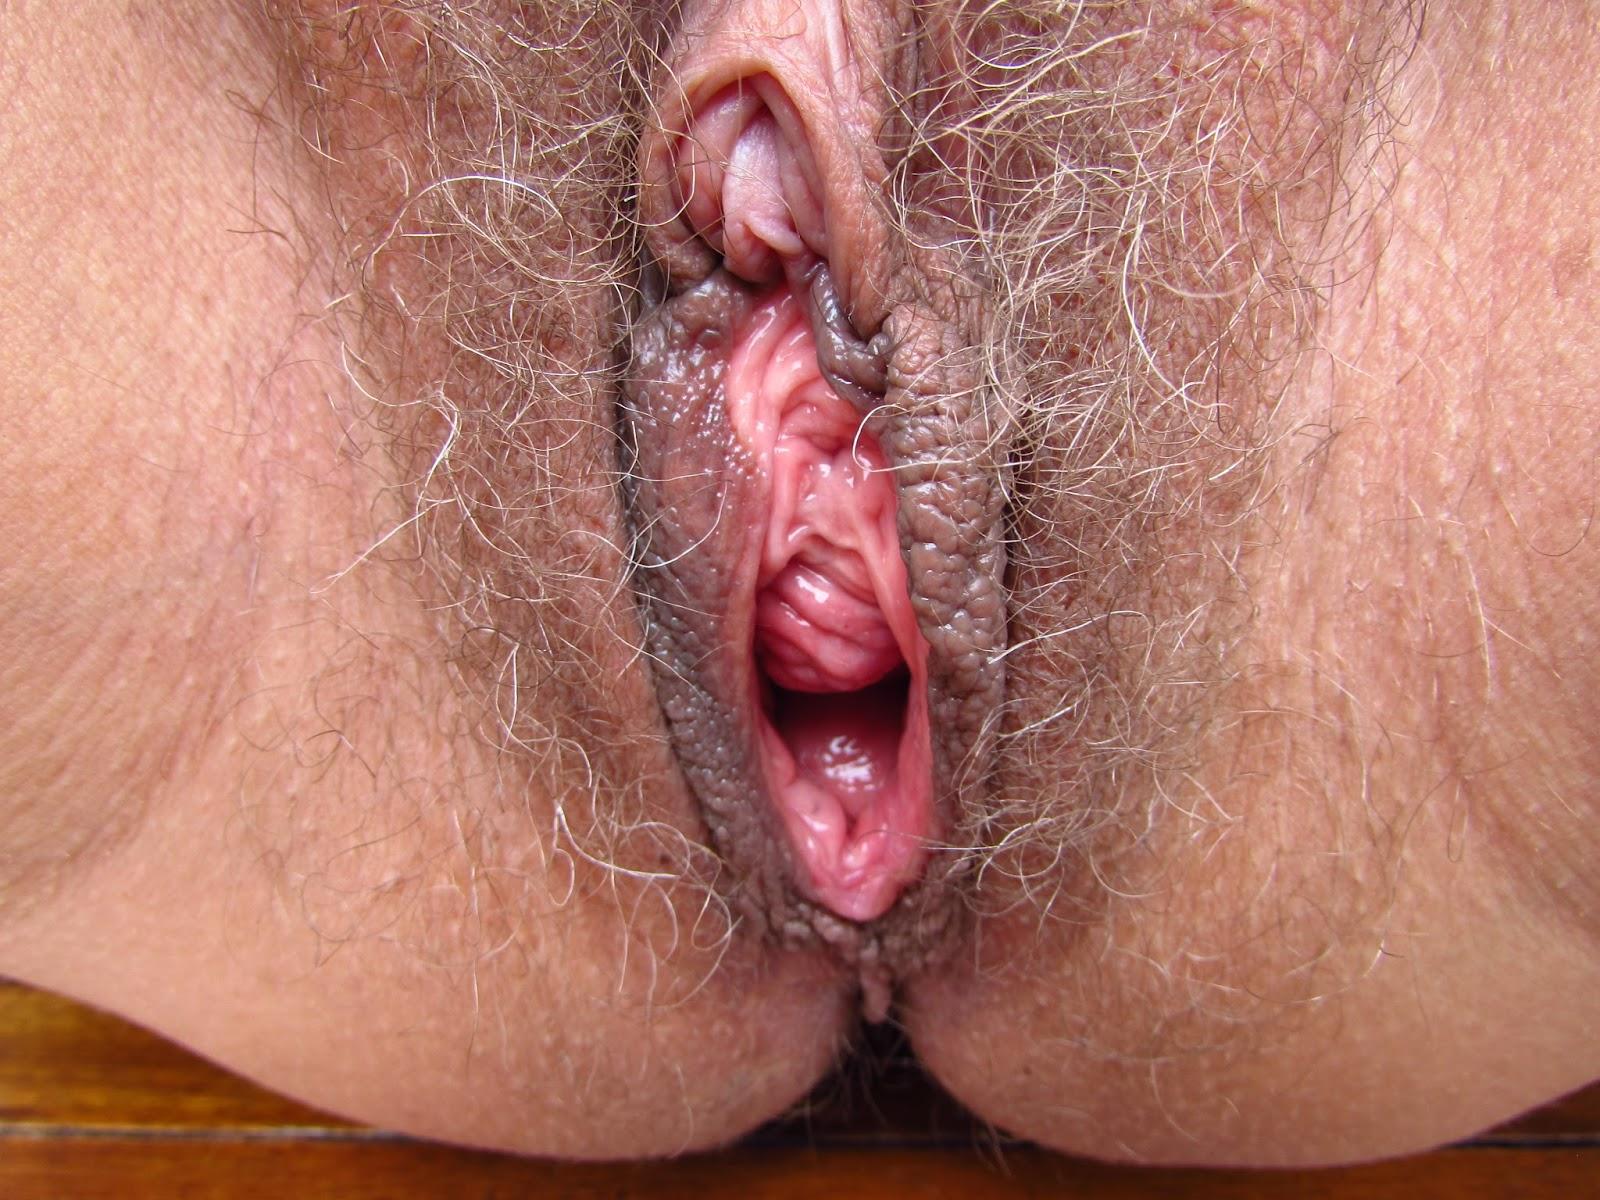 sexhibition våt vagina